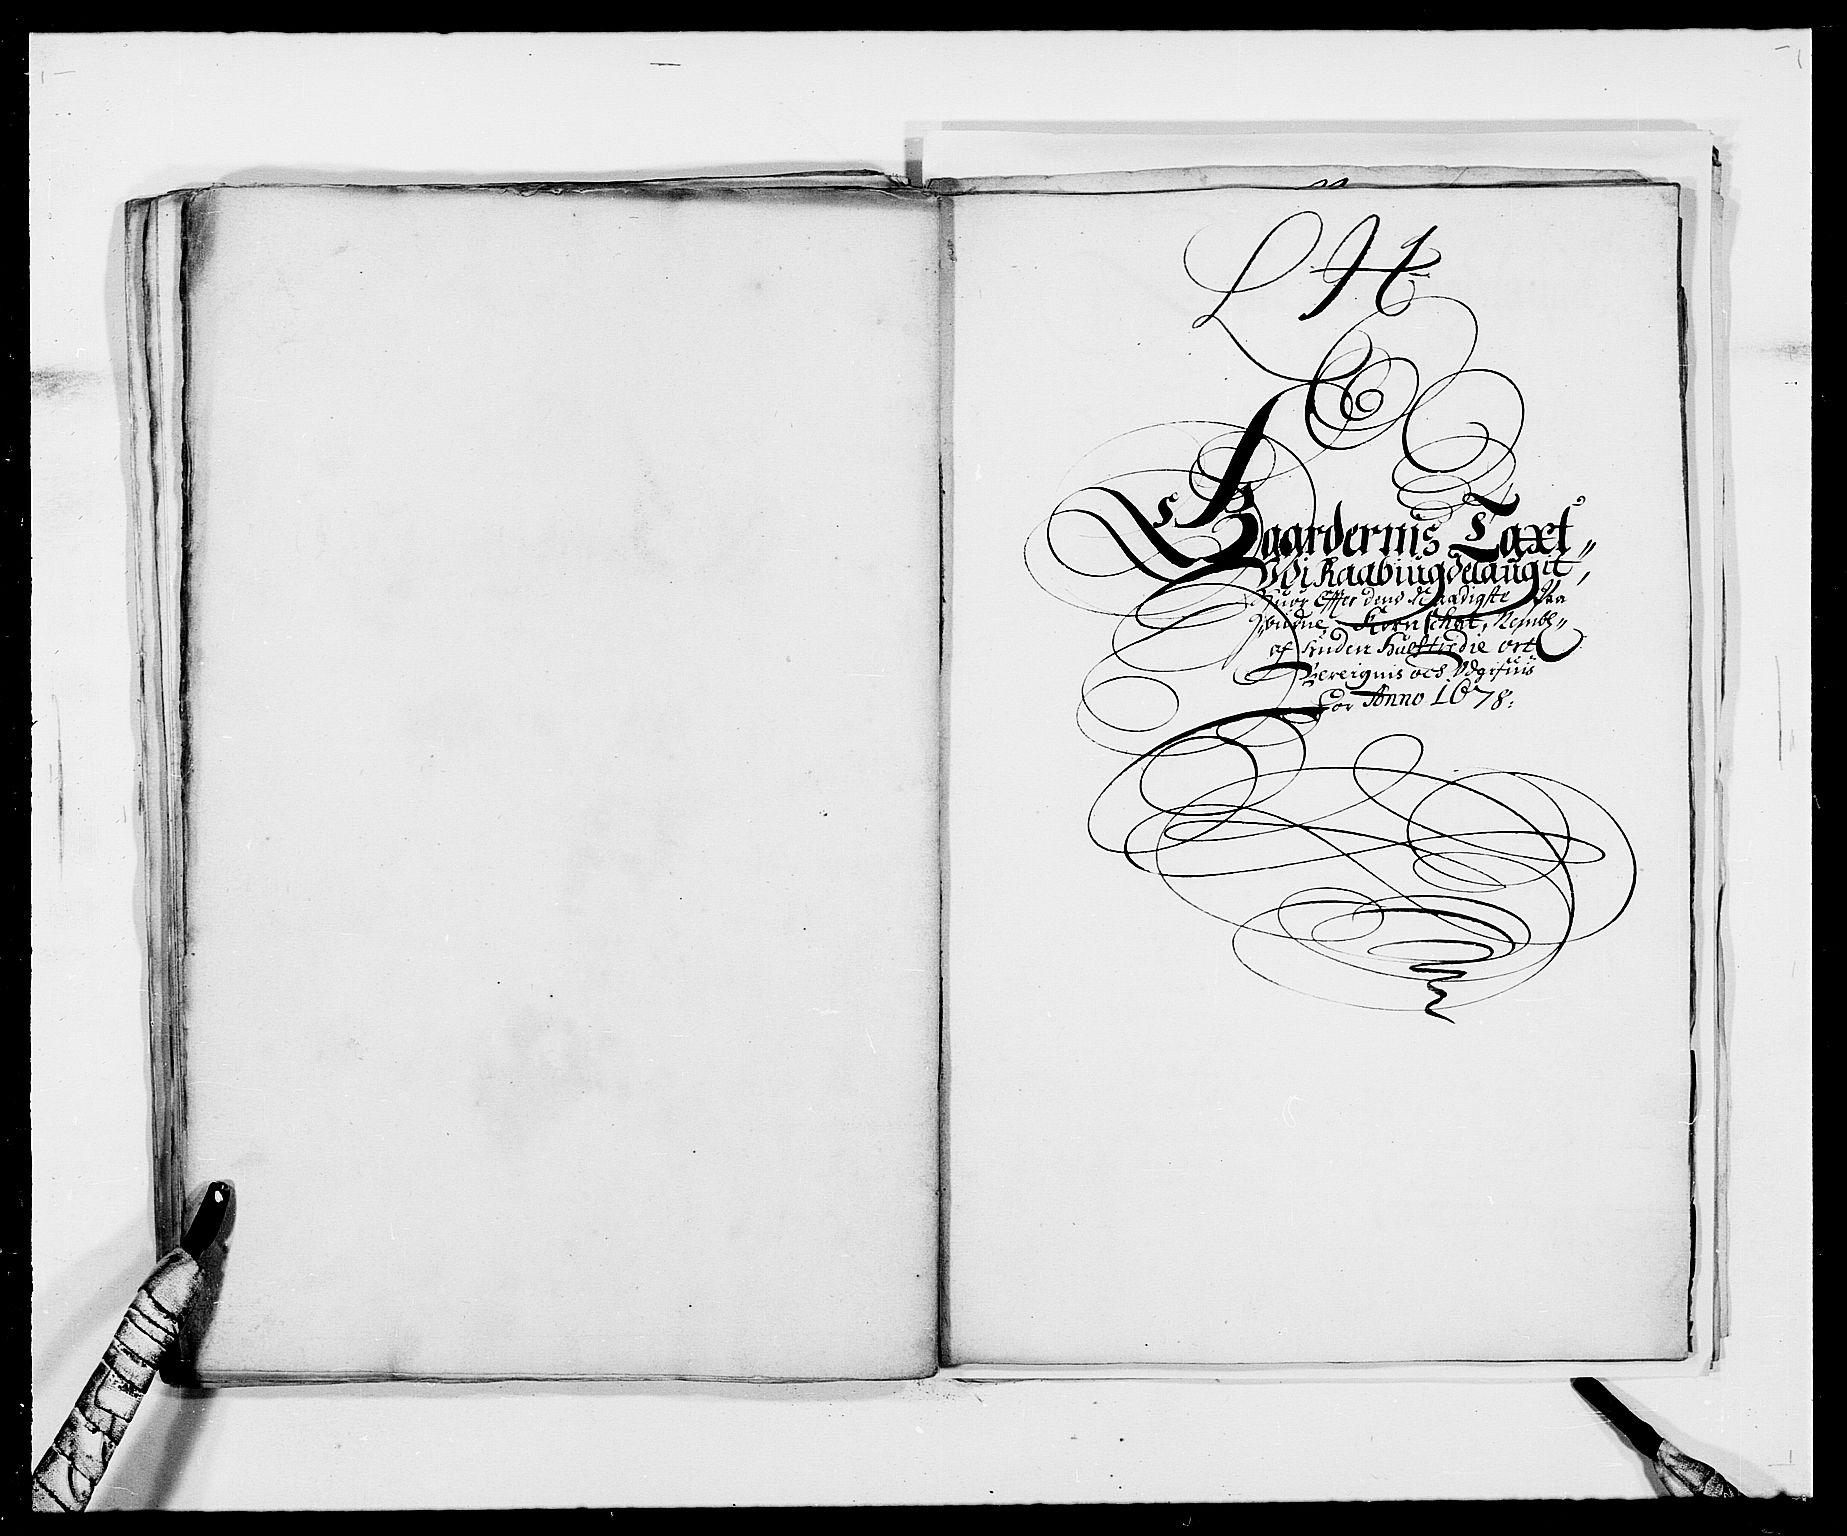 RA, Rentekammeret inntil 1814, Reviderte regnskaper, Fogderegnskap, R40/L2435: Fogderegnskap Råbyggelag, 1677-1678, s. 319